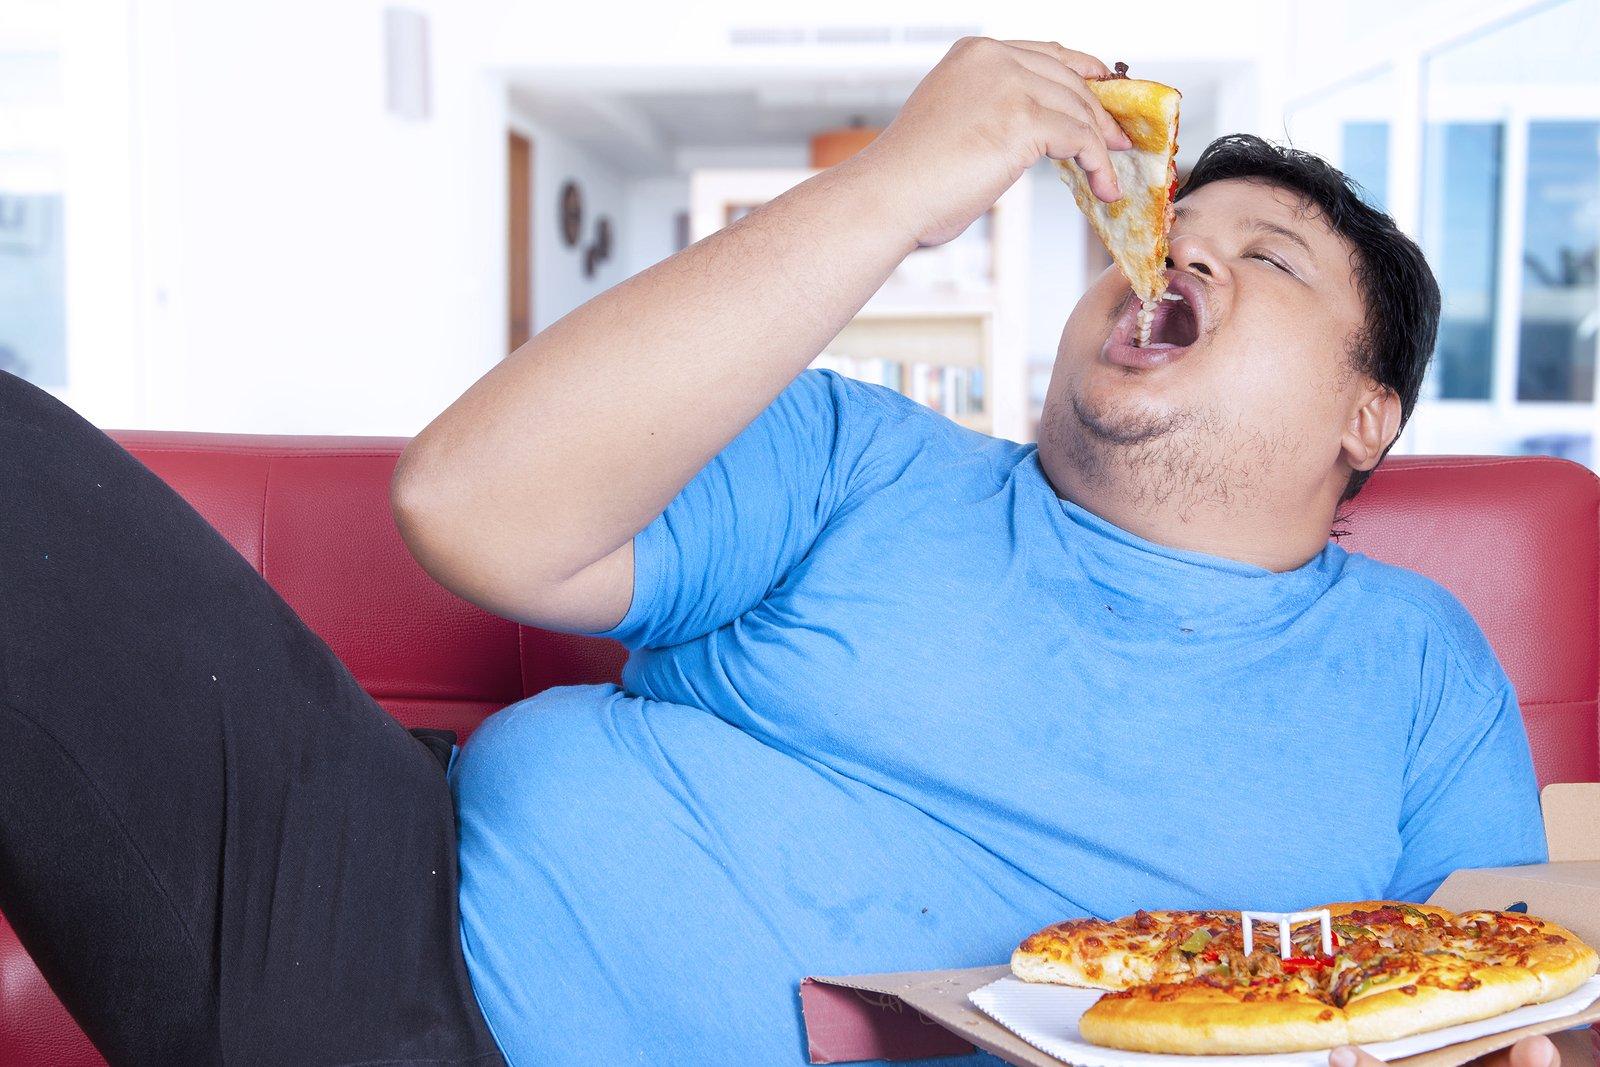 Ожирение без других метаболических нарушений не повысило риск смерти